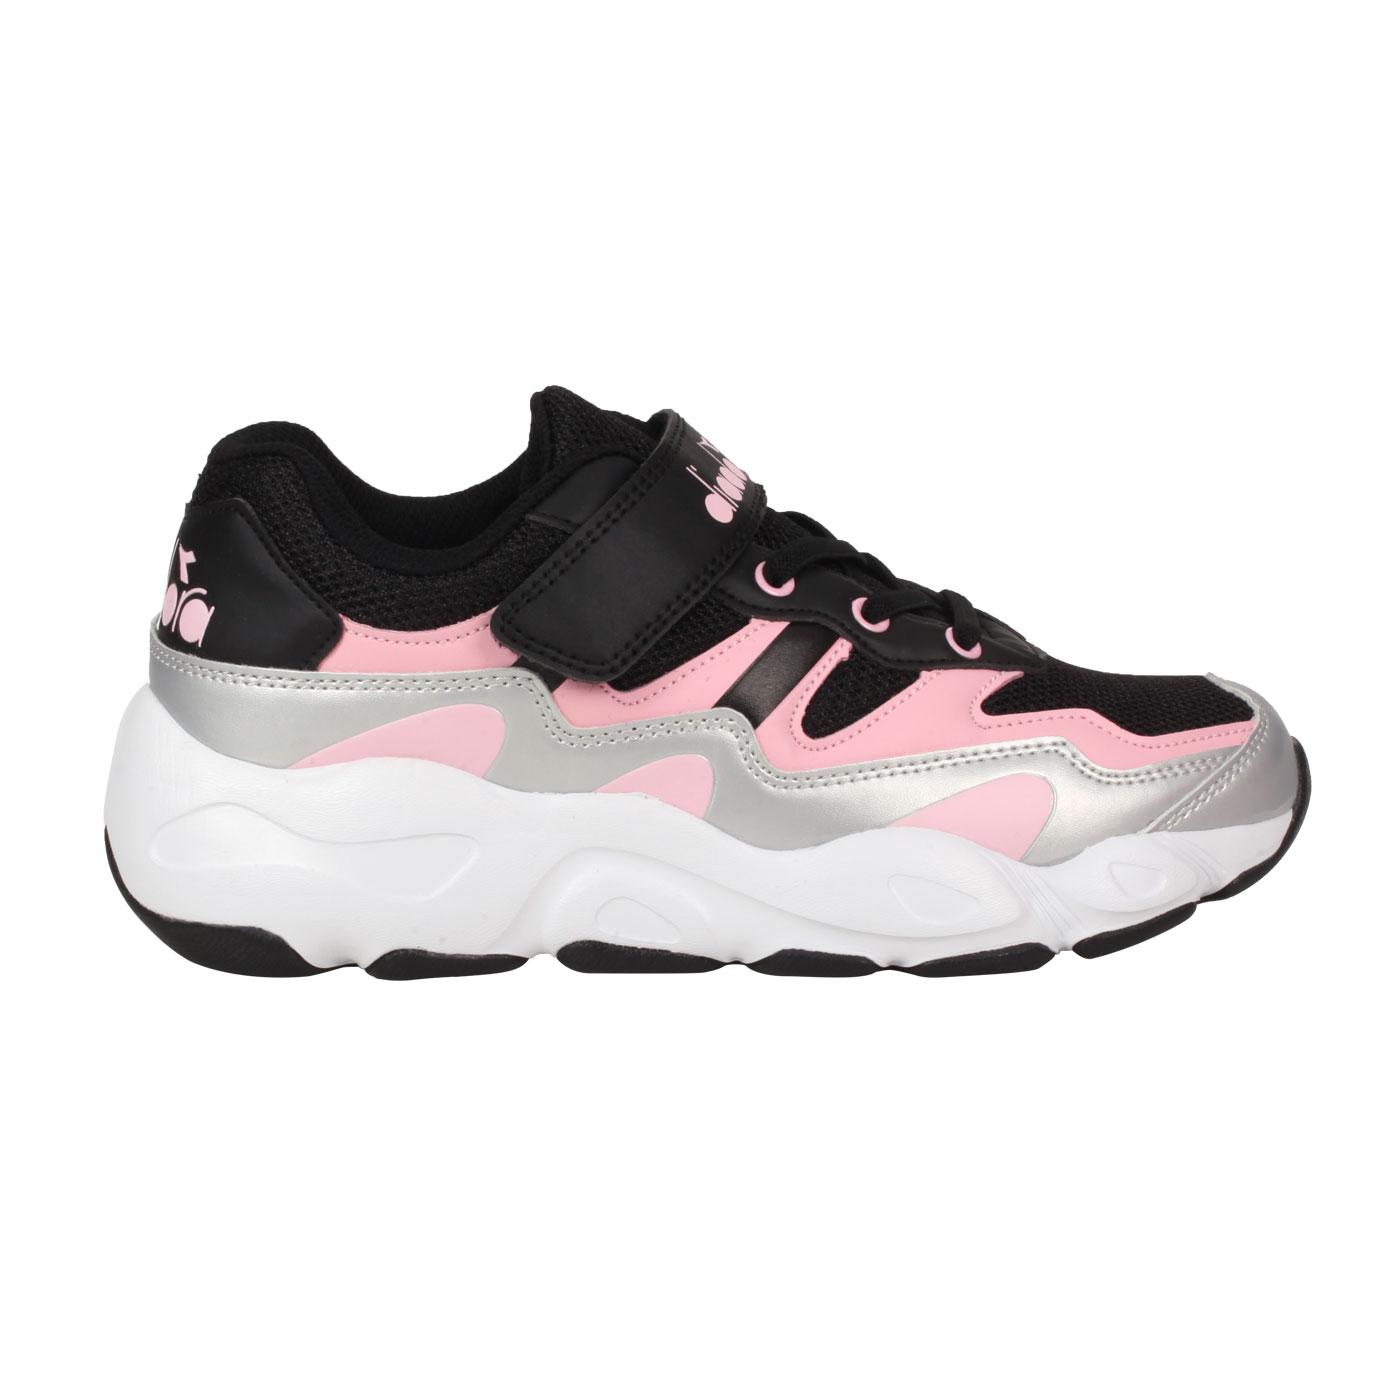 DIADORA 大童運動鞋-超寬楦 DA11030 - 黑粉銀